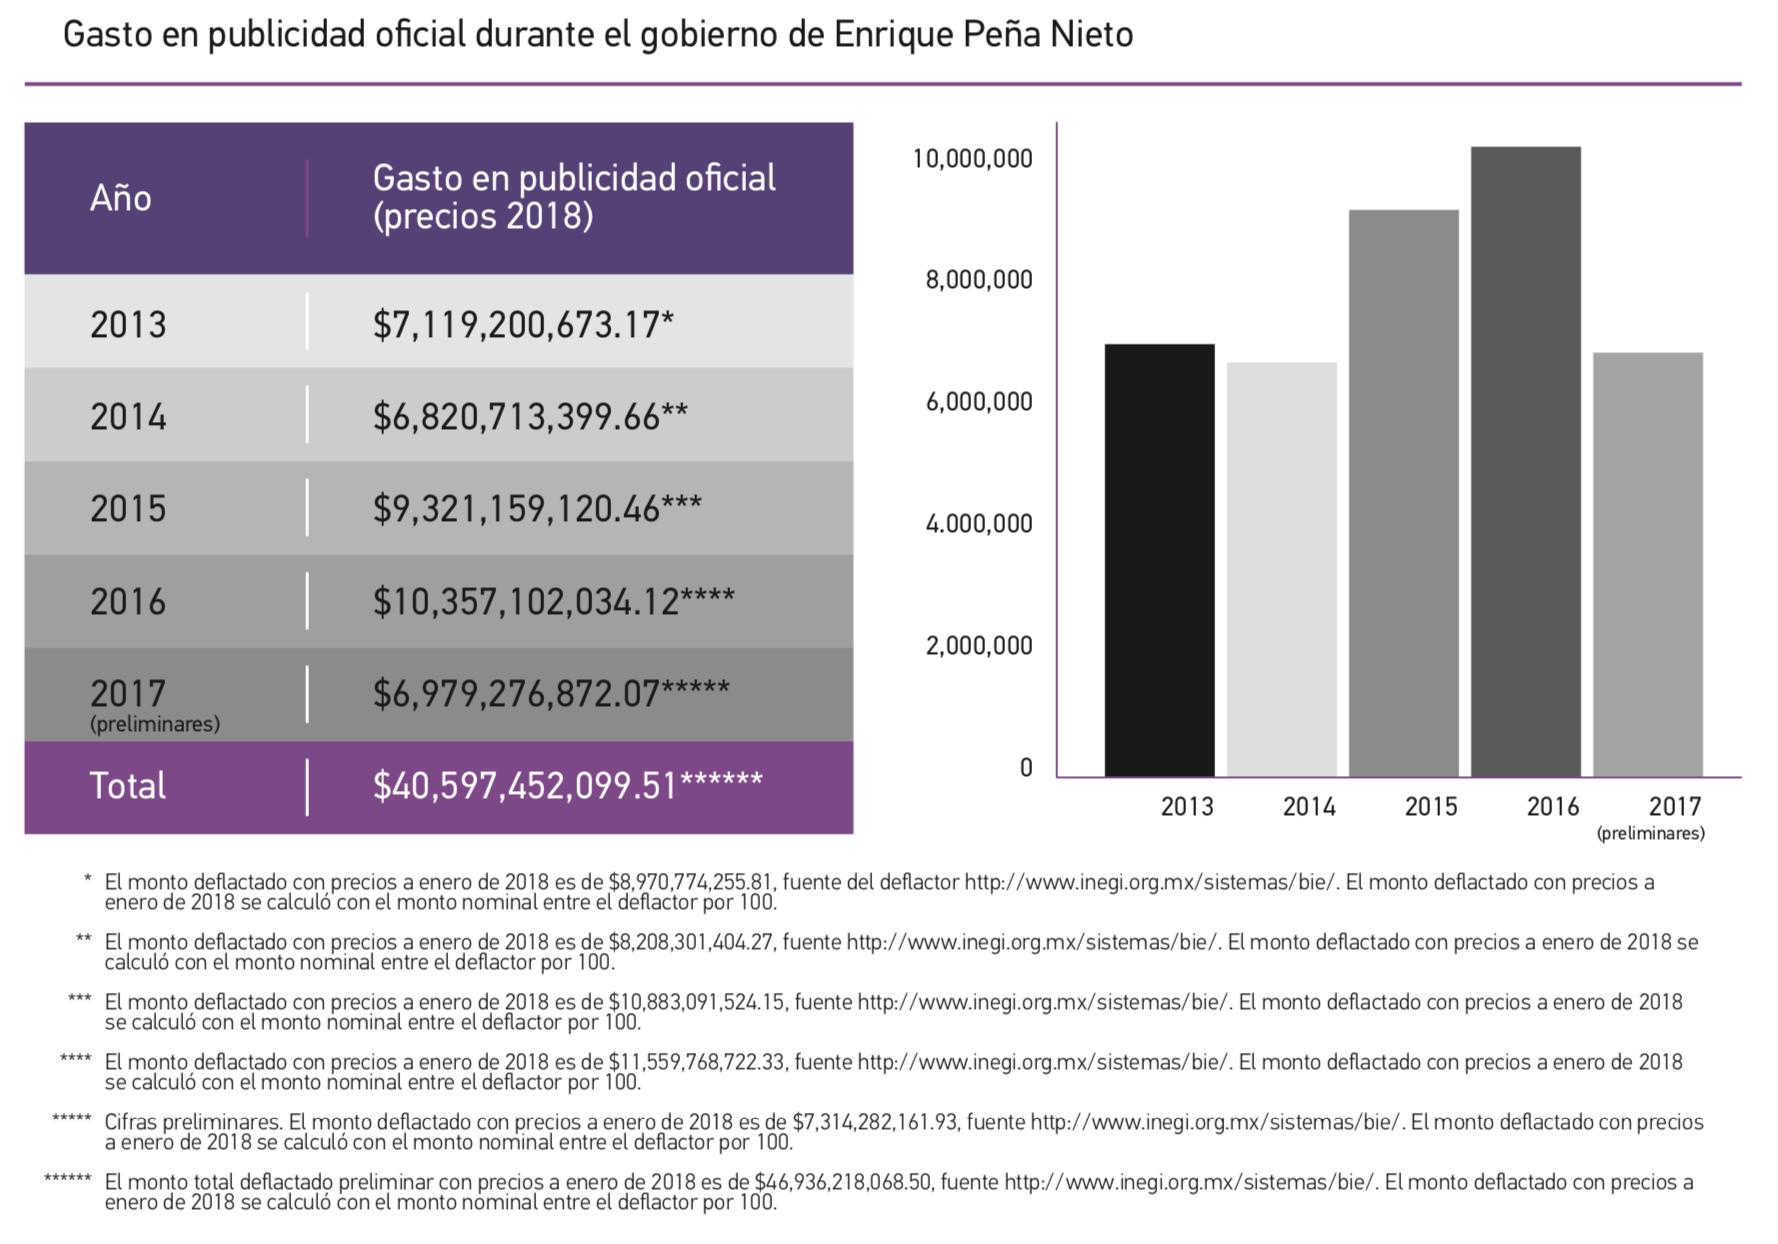 Article19 México. Gasto en publicidad oficial durante el gobierno de Enrique Peña Nieto, 2013-2017.